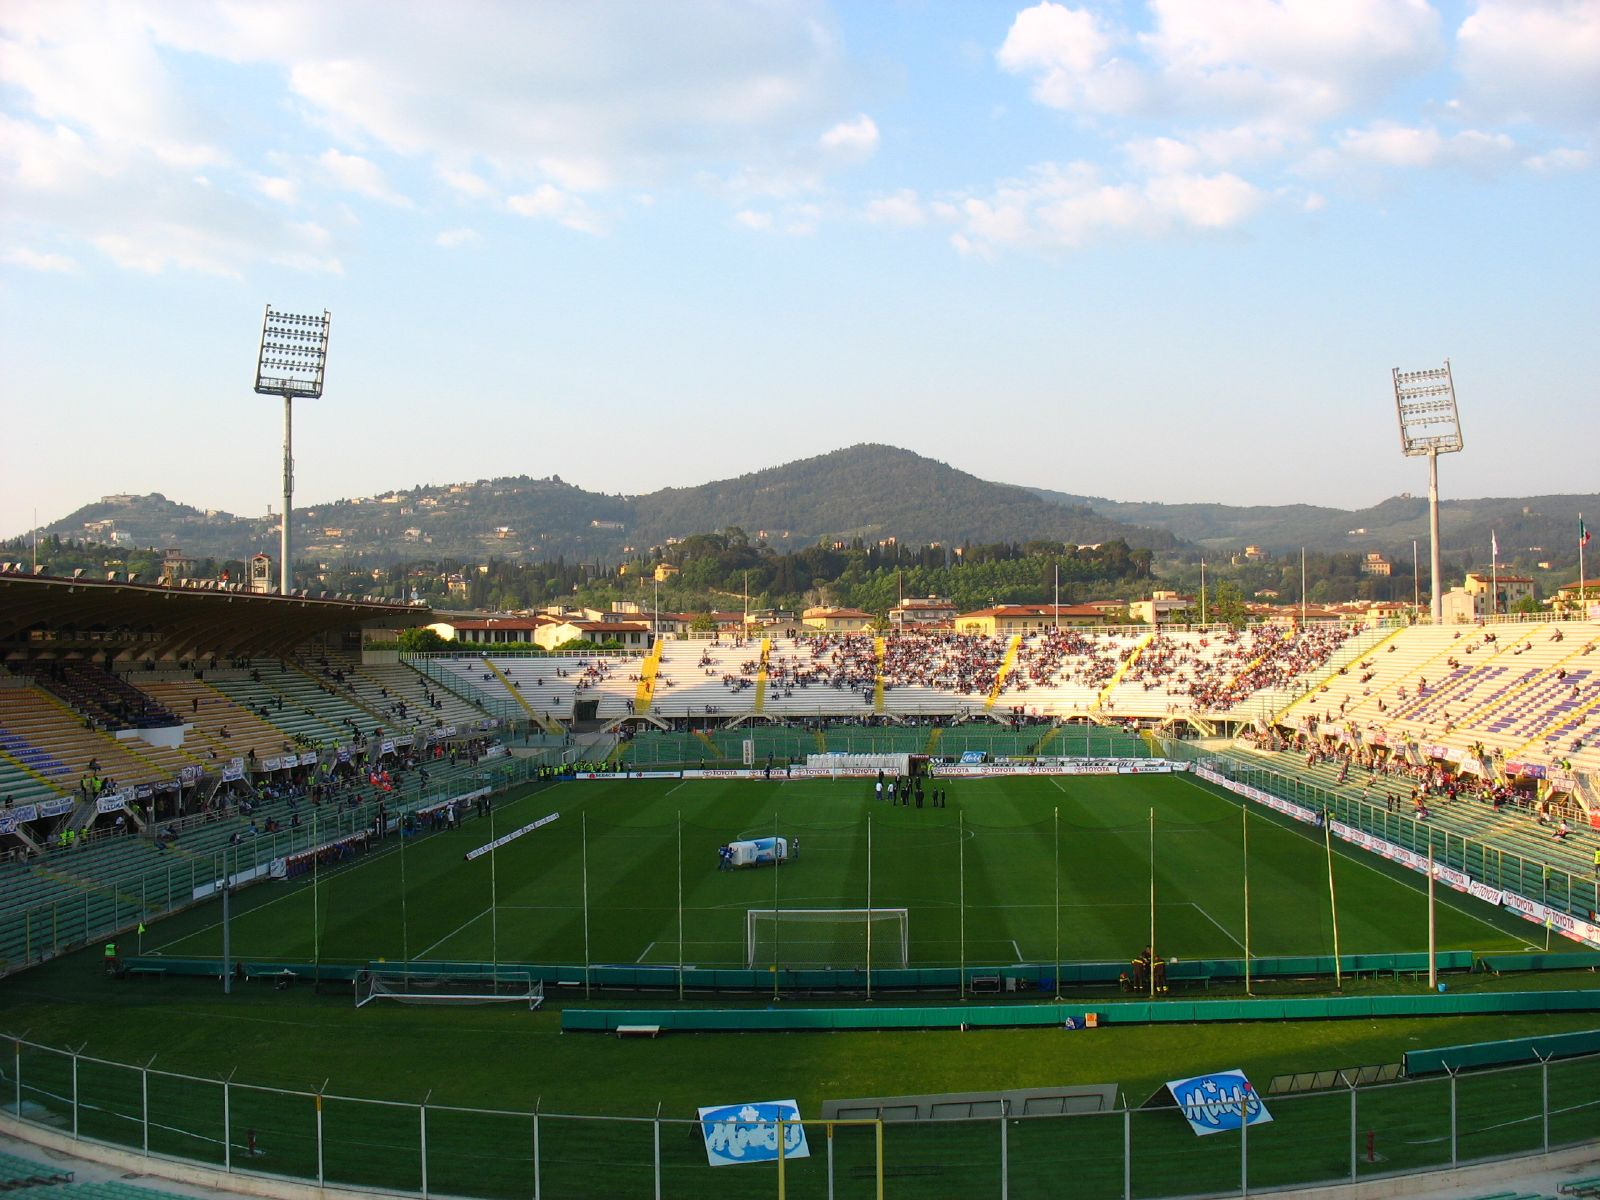 Udsigten fra Stadio Artemio Franchi i Firenze fejler ikke noget. I 2016 skal Fiorentina efter planen påbegynde opførelsen af et nyt og lukket stadion med plads til 40.000 tilskuere. Photo Credt:  KevArchi e/ Flickr /   CC BY-NC 2.0